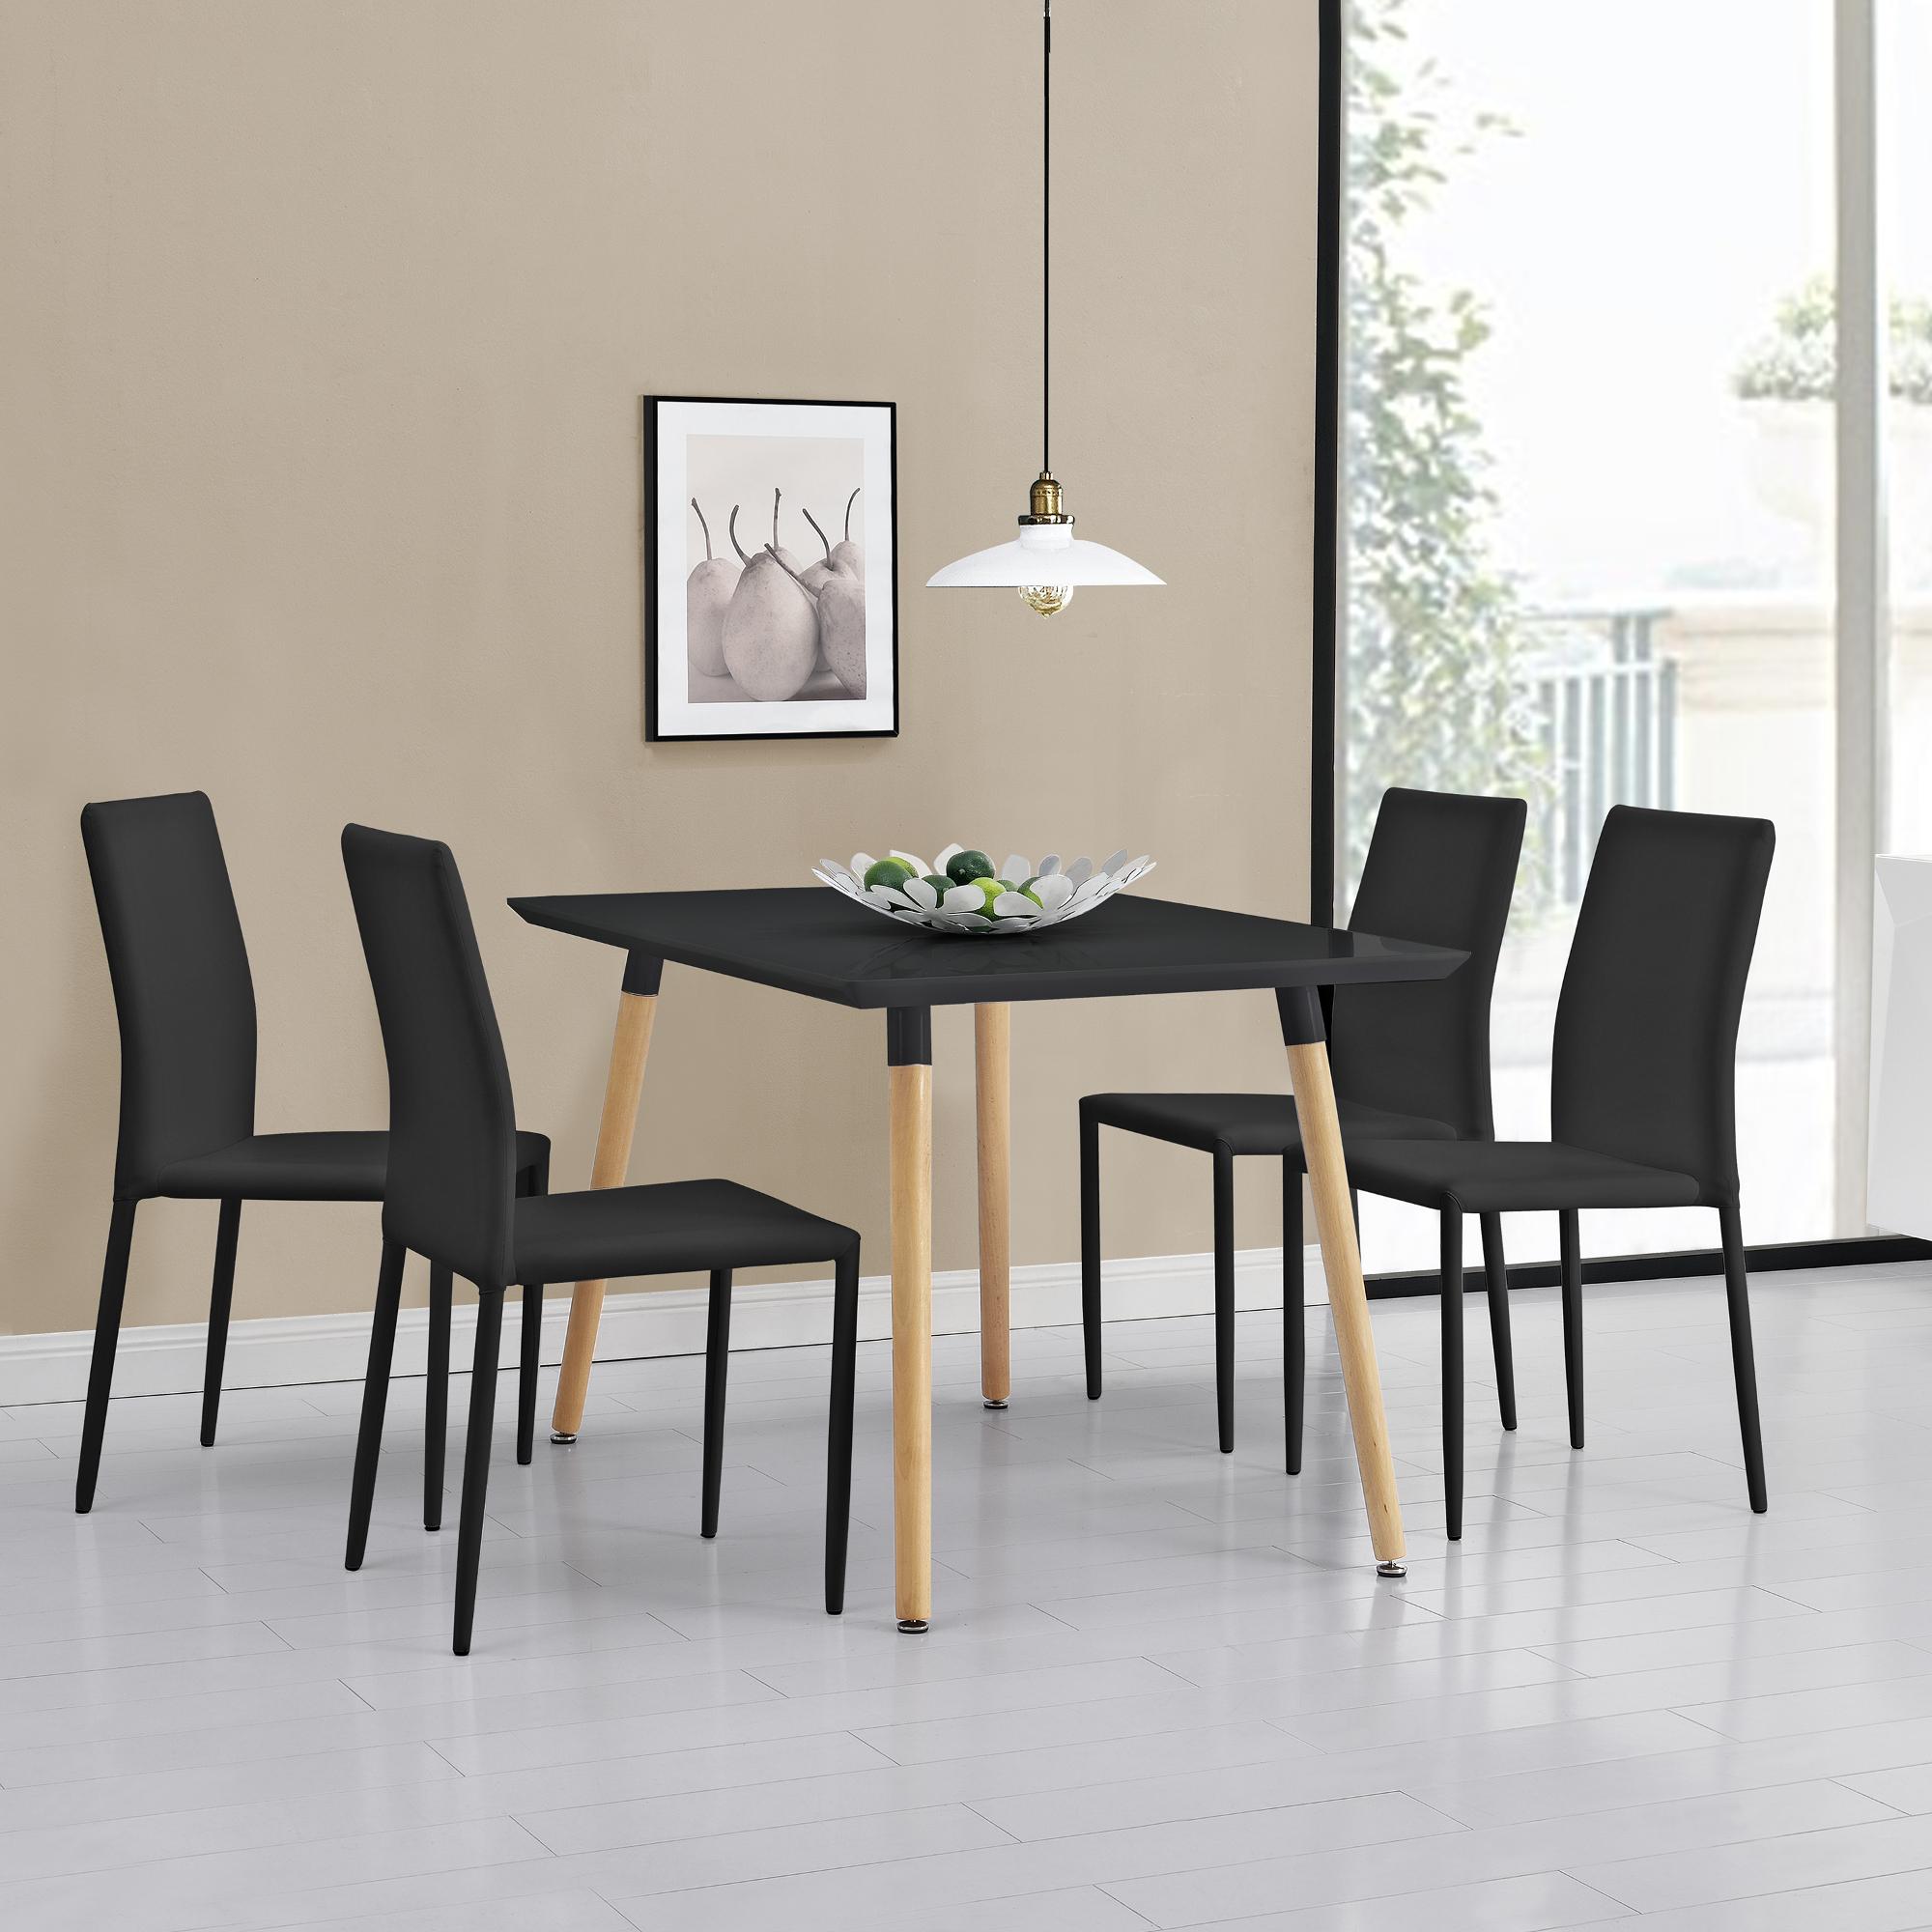 en.casa]® Esstisch mit 4 Stühlen schwarz 120x70cm Küchentisch ...